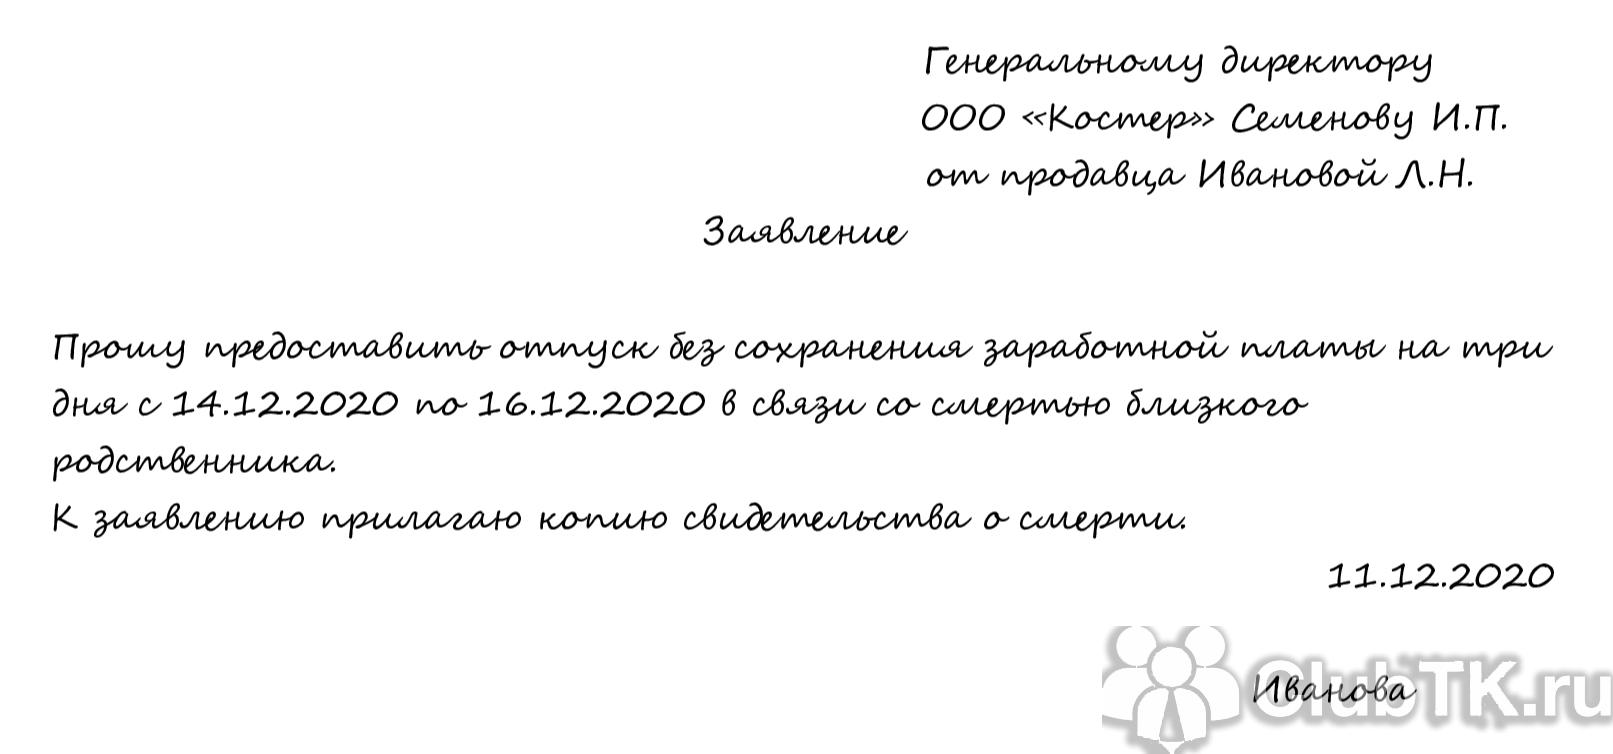 Заявление на три дня на похороны по Трудовому кодексу